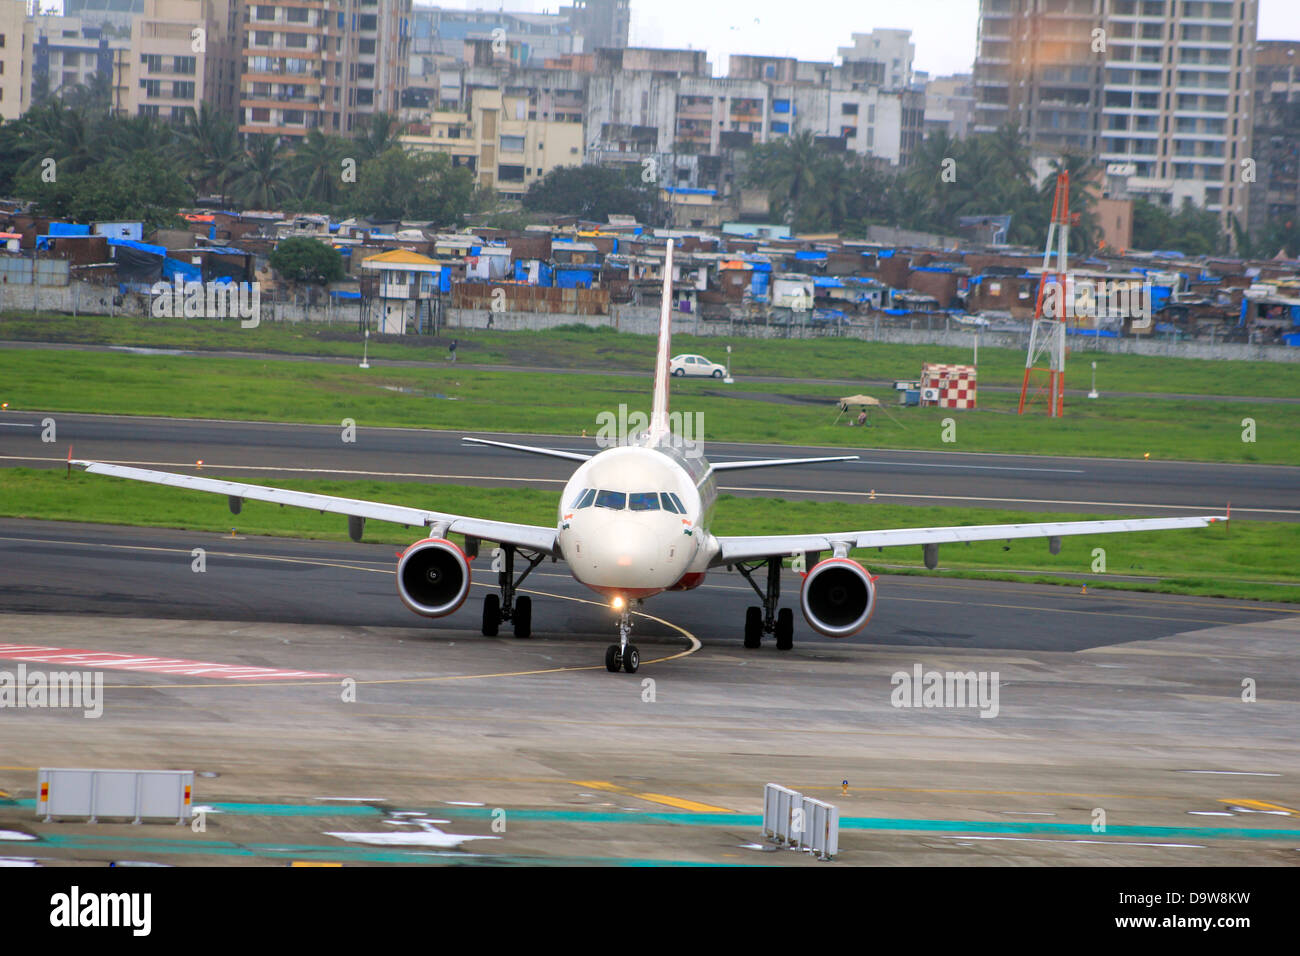 Aircraft taxiing after landing at the Chatrapati international airport ; Mumbai; India - Stock Image